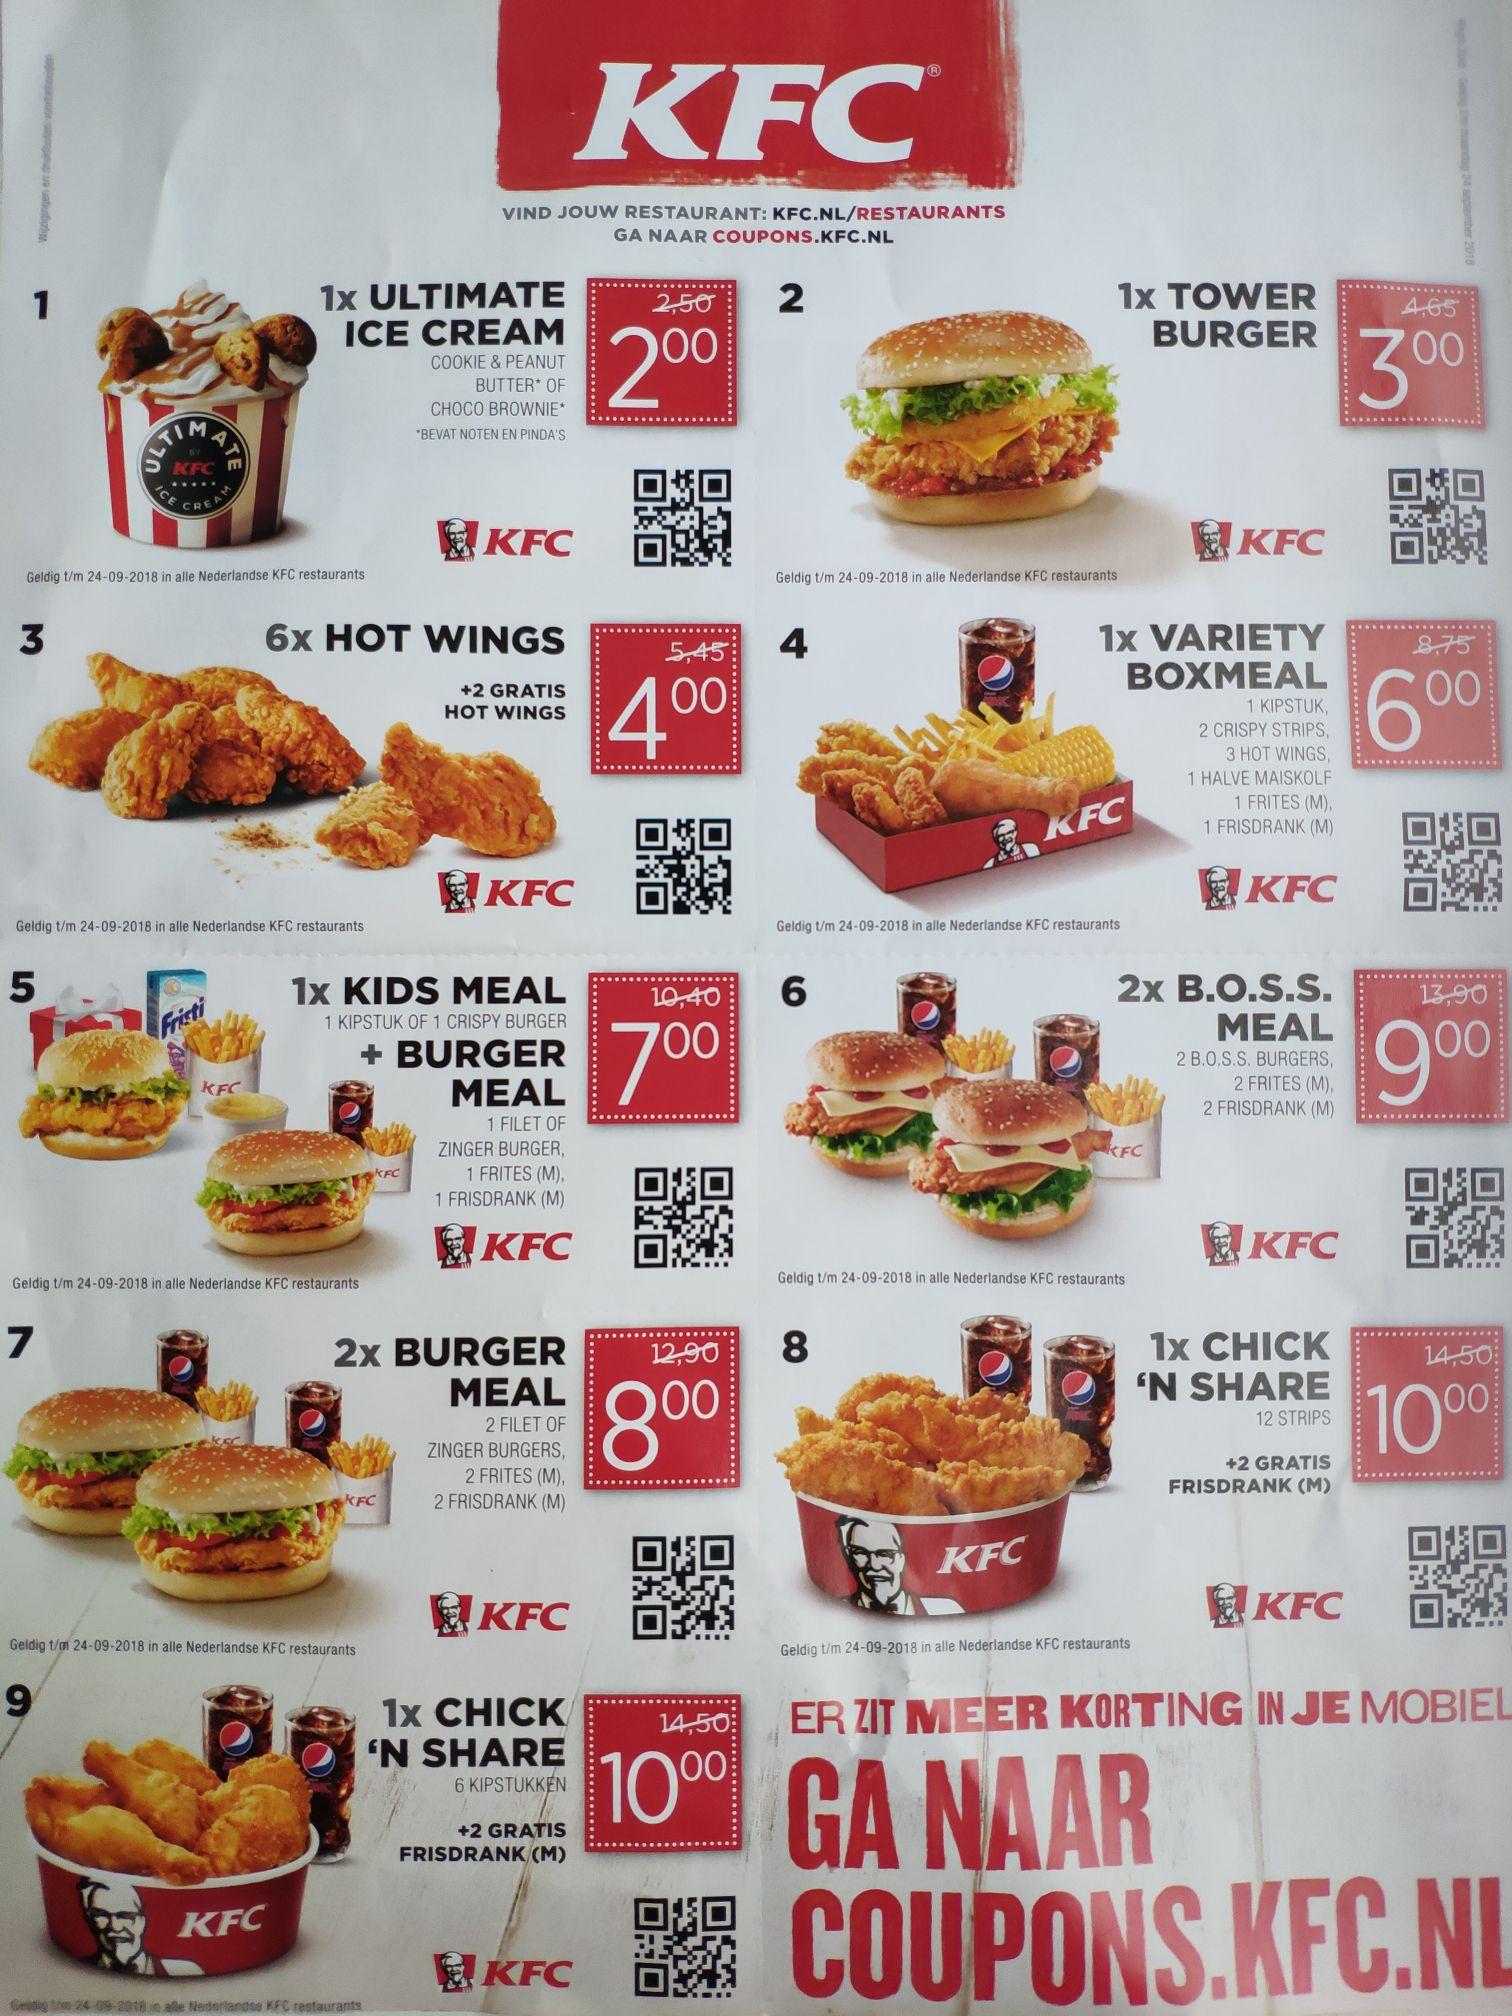 KFC coupons 9 stuks , bv. 2x burger meal voor €8